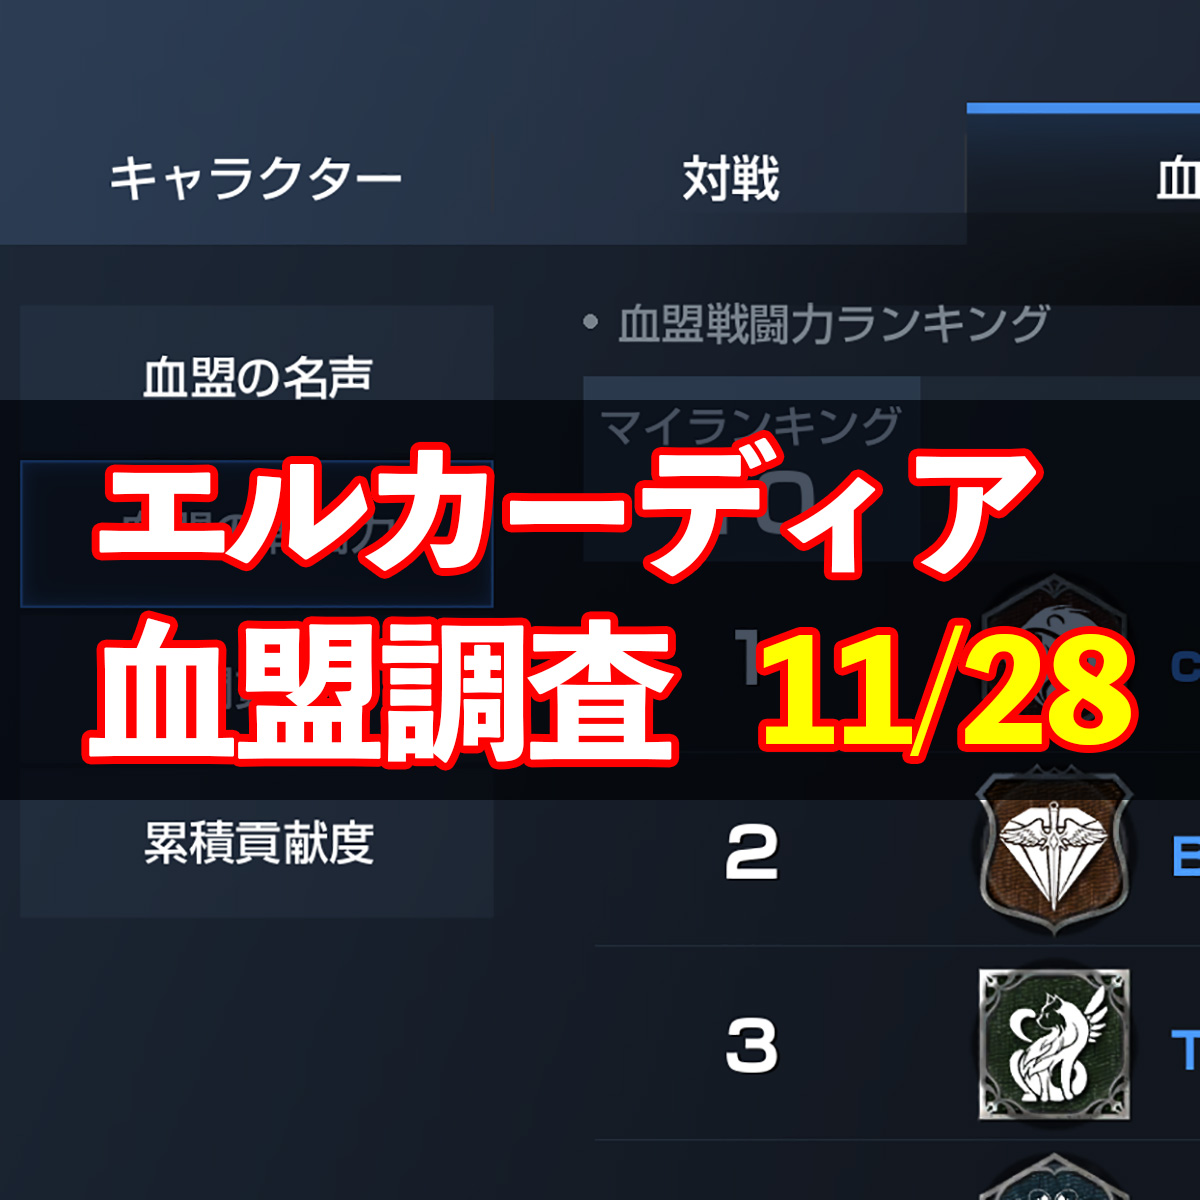 11/28エルカーディア情報|上位血盟の戦力を徹底分析!